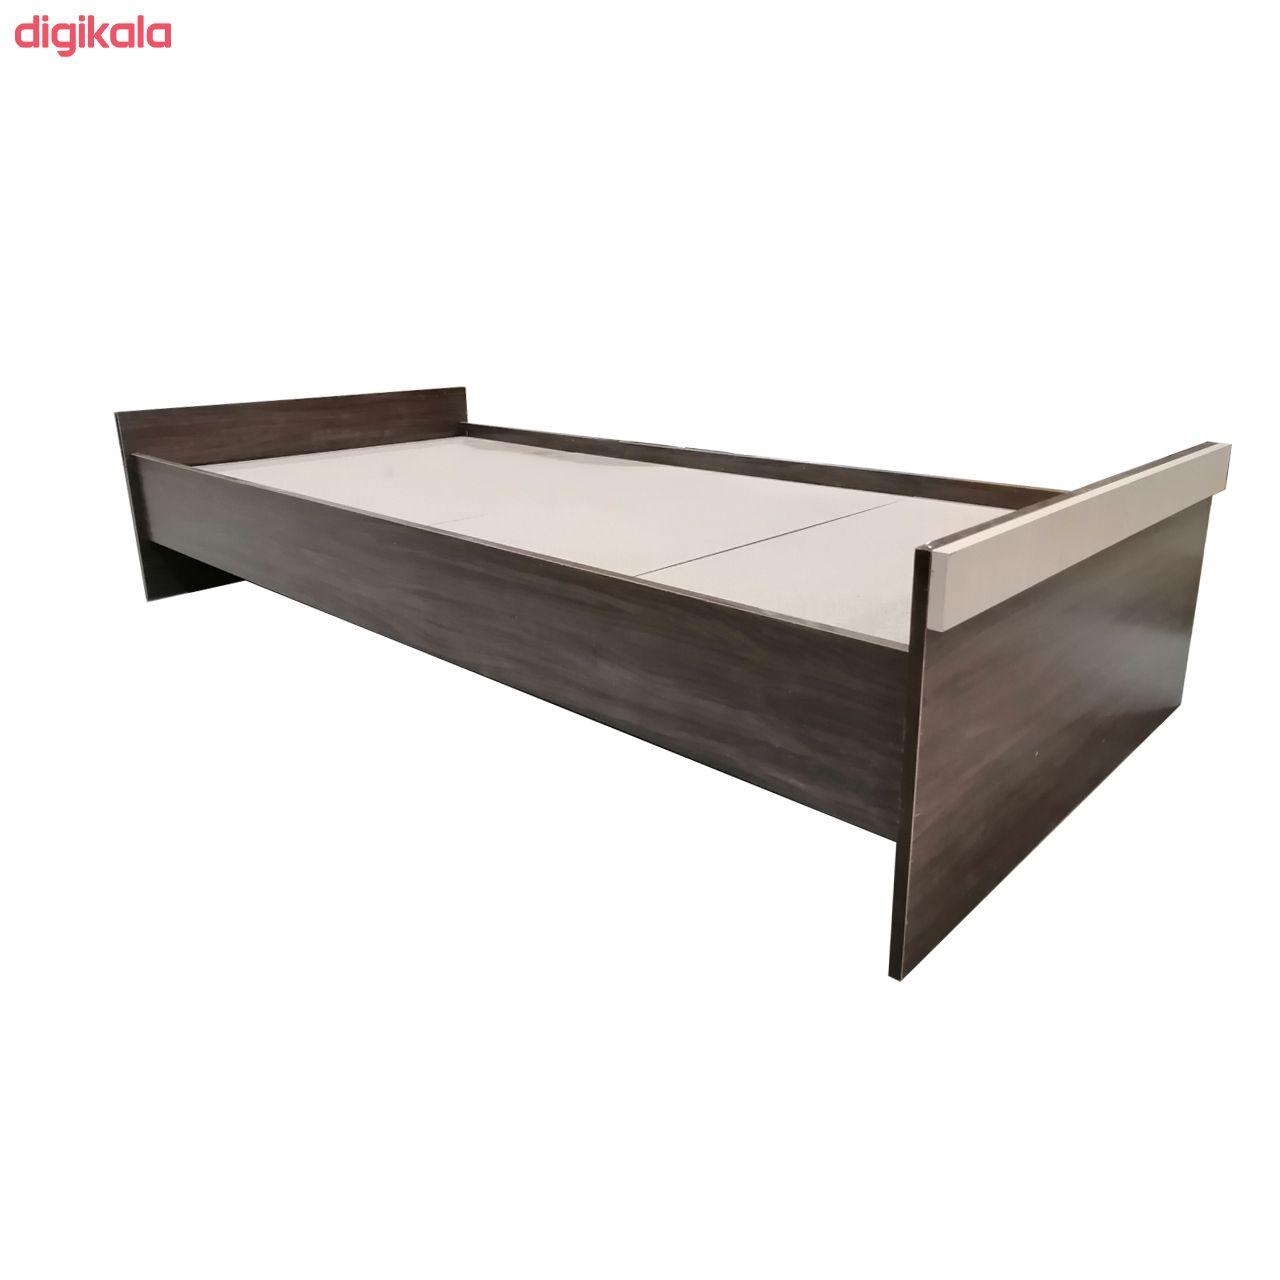 تخت خواب یک نفره مدل TB19 سایز 200x96 سانتی متر  main 1 1